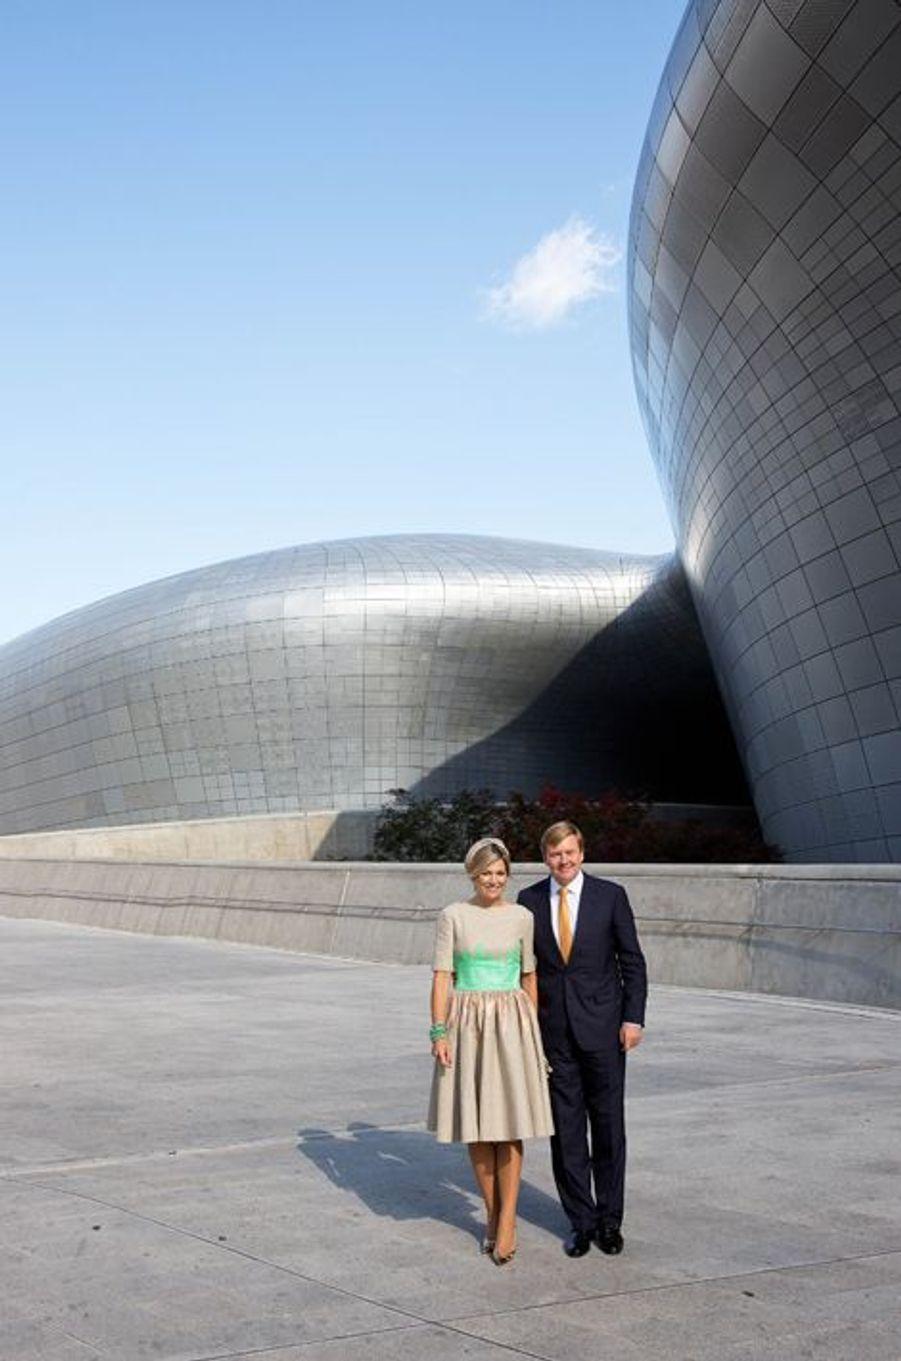 Le roi Willem-Alexander des Pays-Bas et la reine Maxima visitent la Dongdaemun design Plaza à Séoul, le 3 novembre 2014